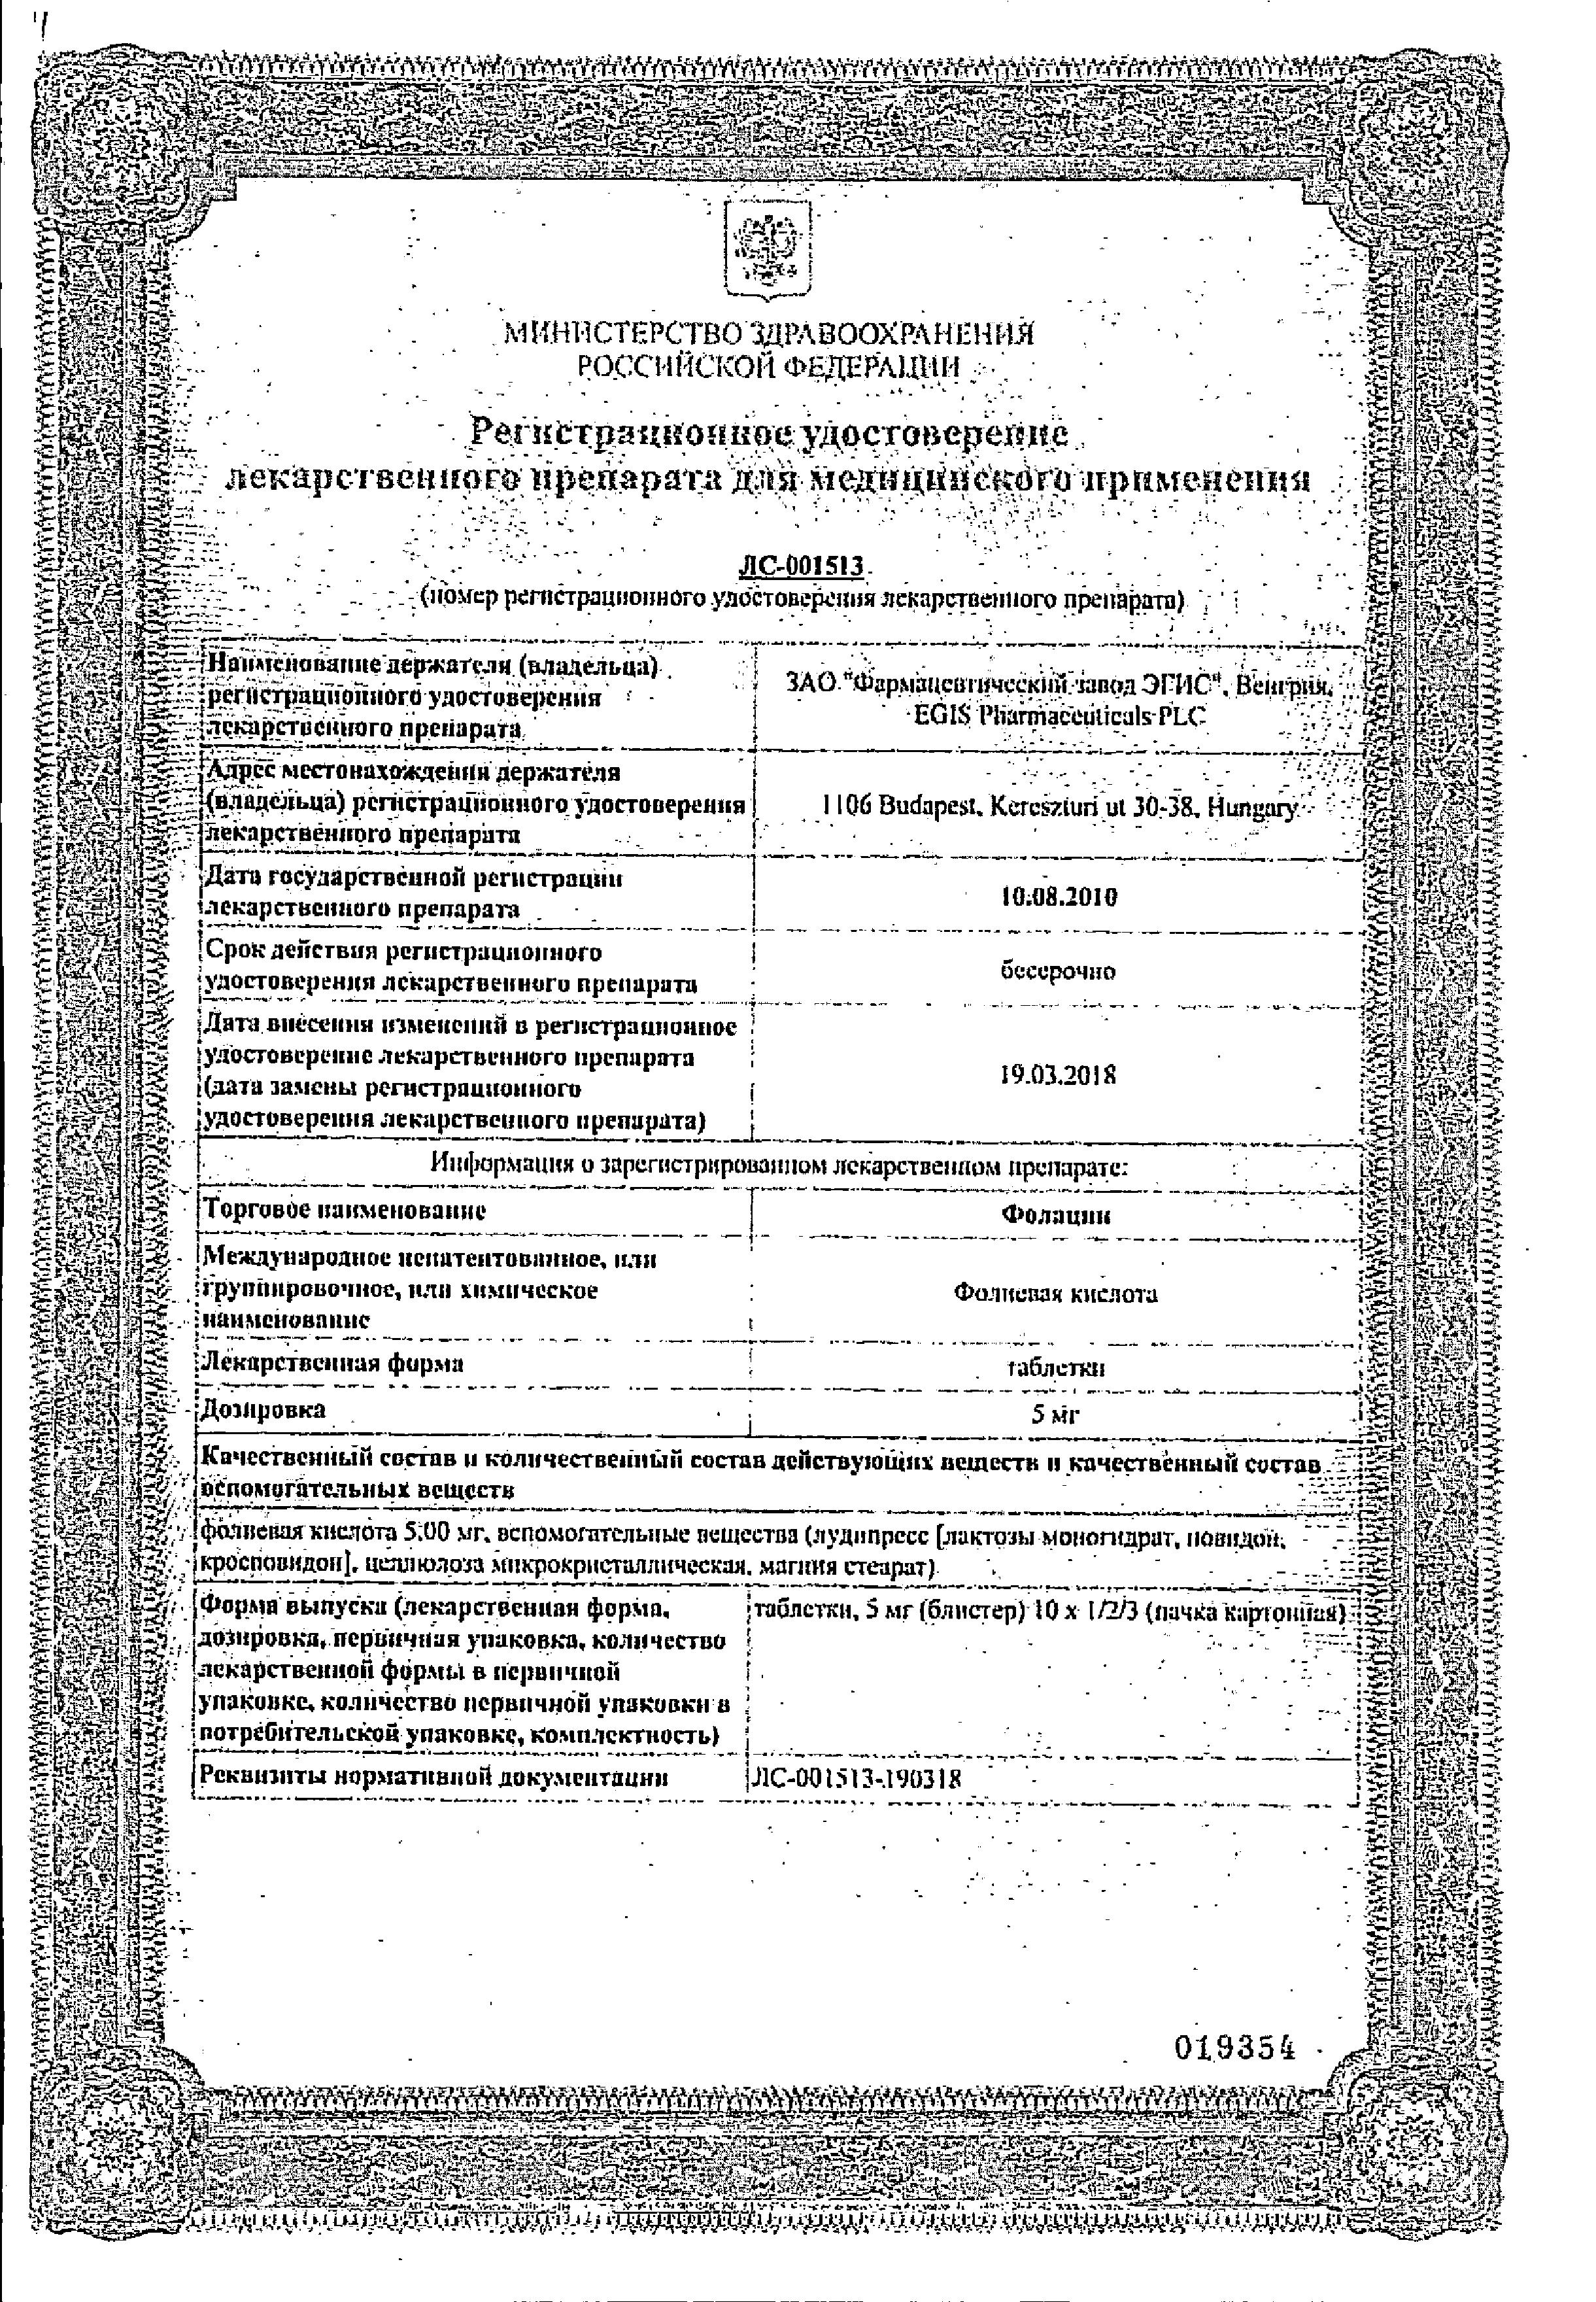 Фолацин сертификат